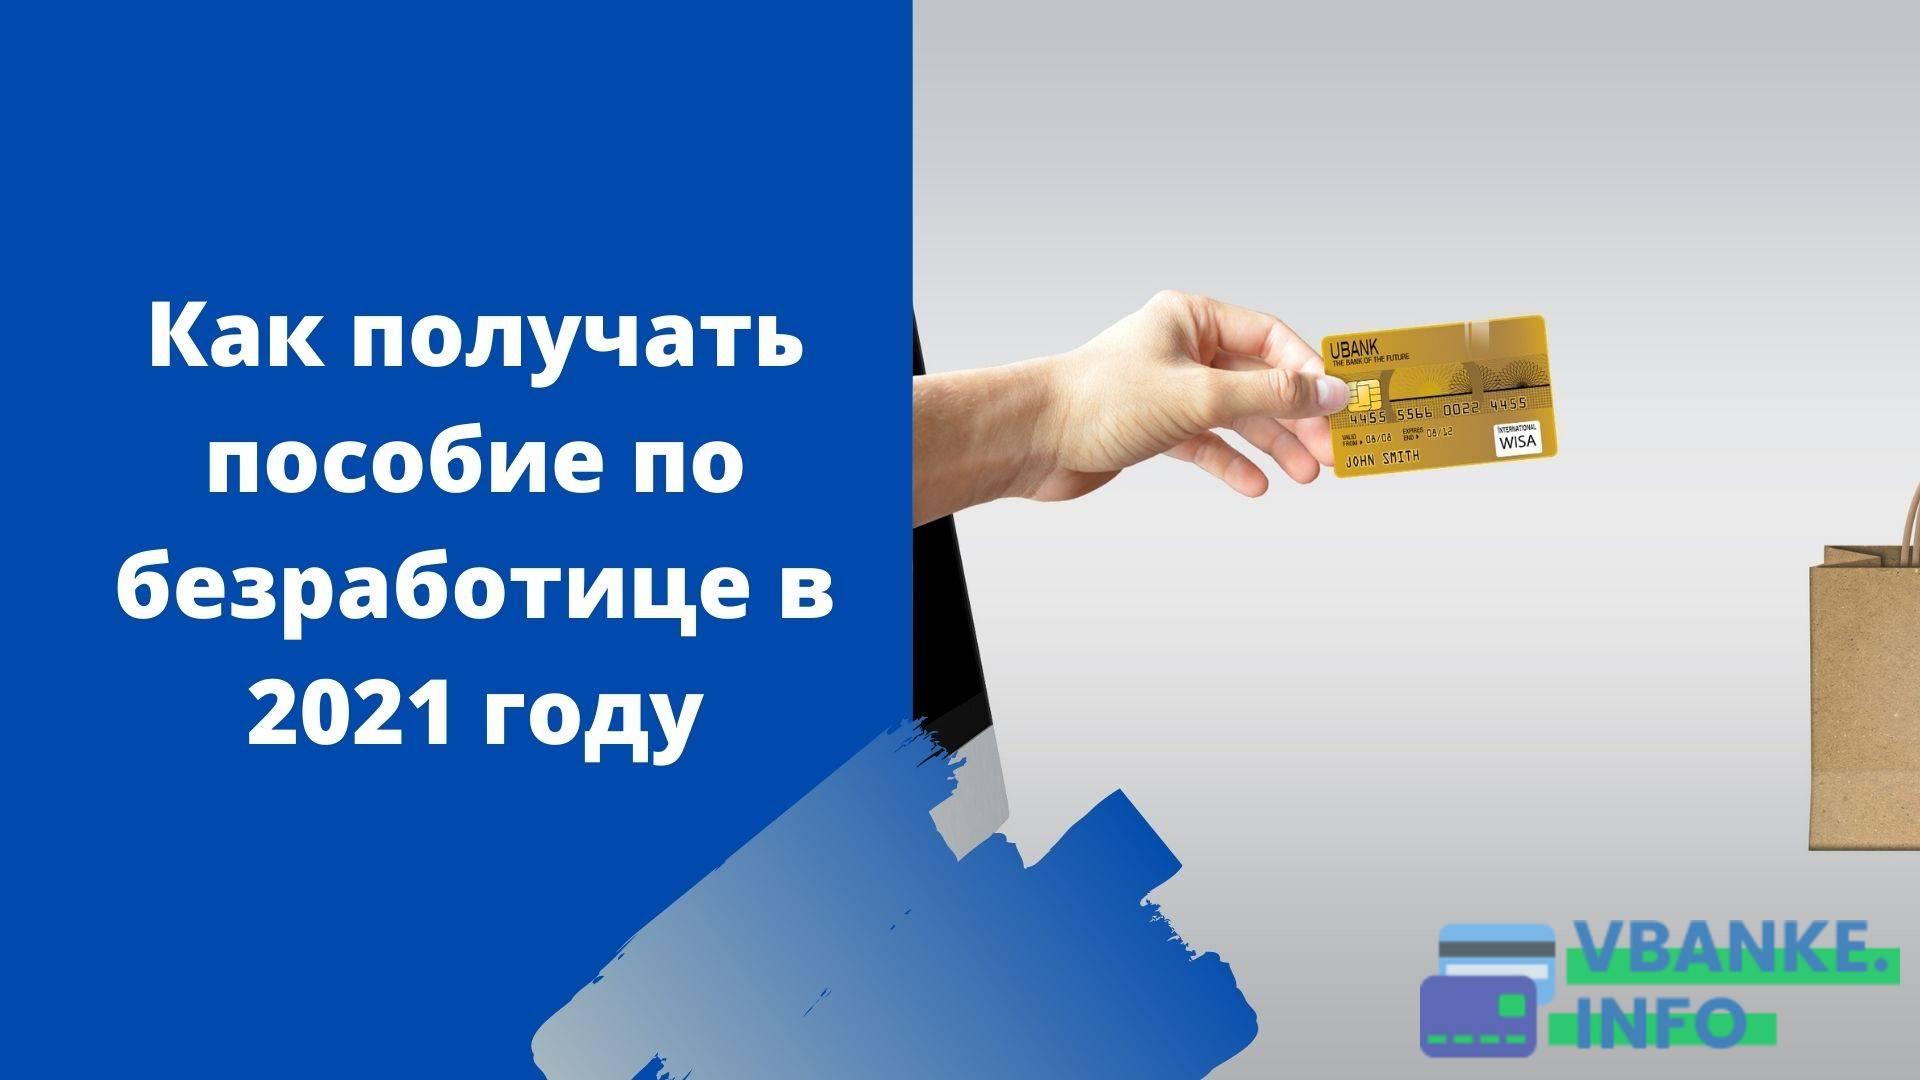 Как россиянам получать пособие по безработице в 2021